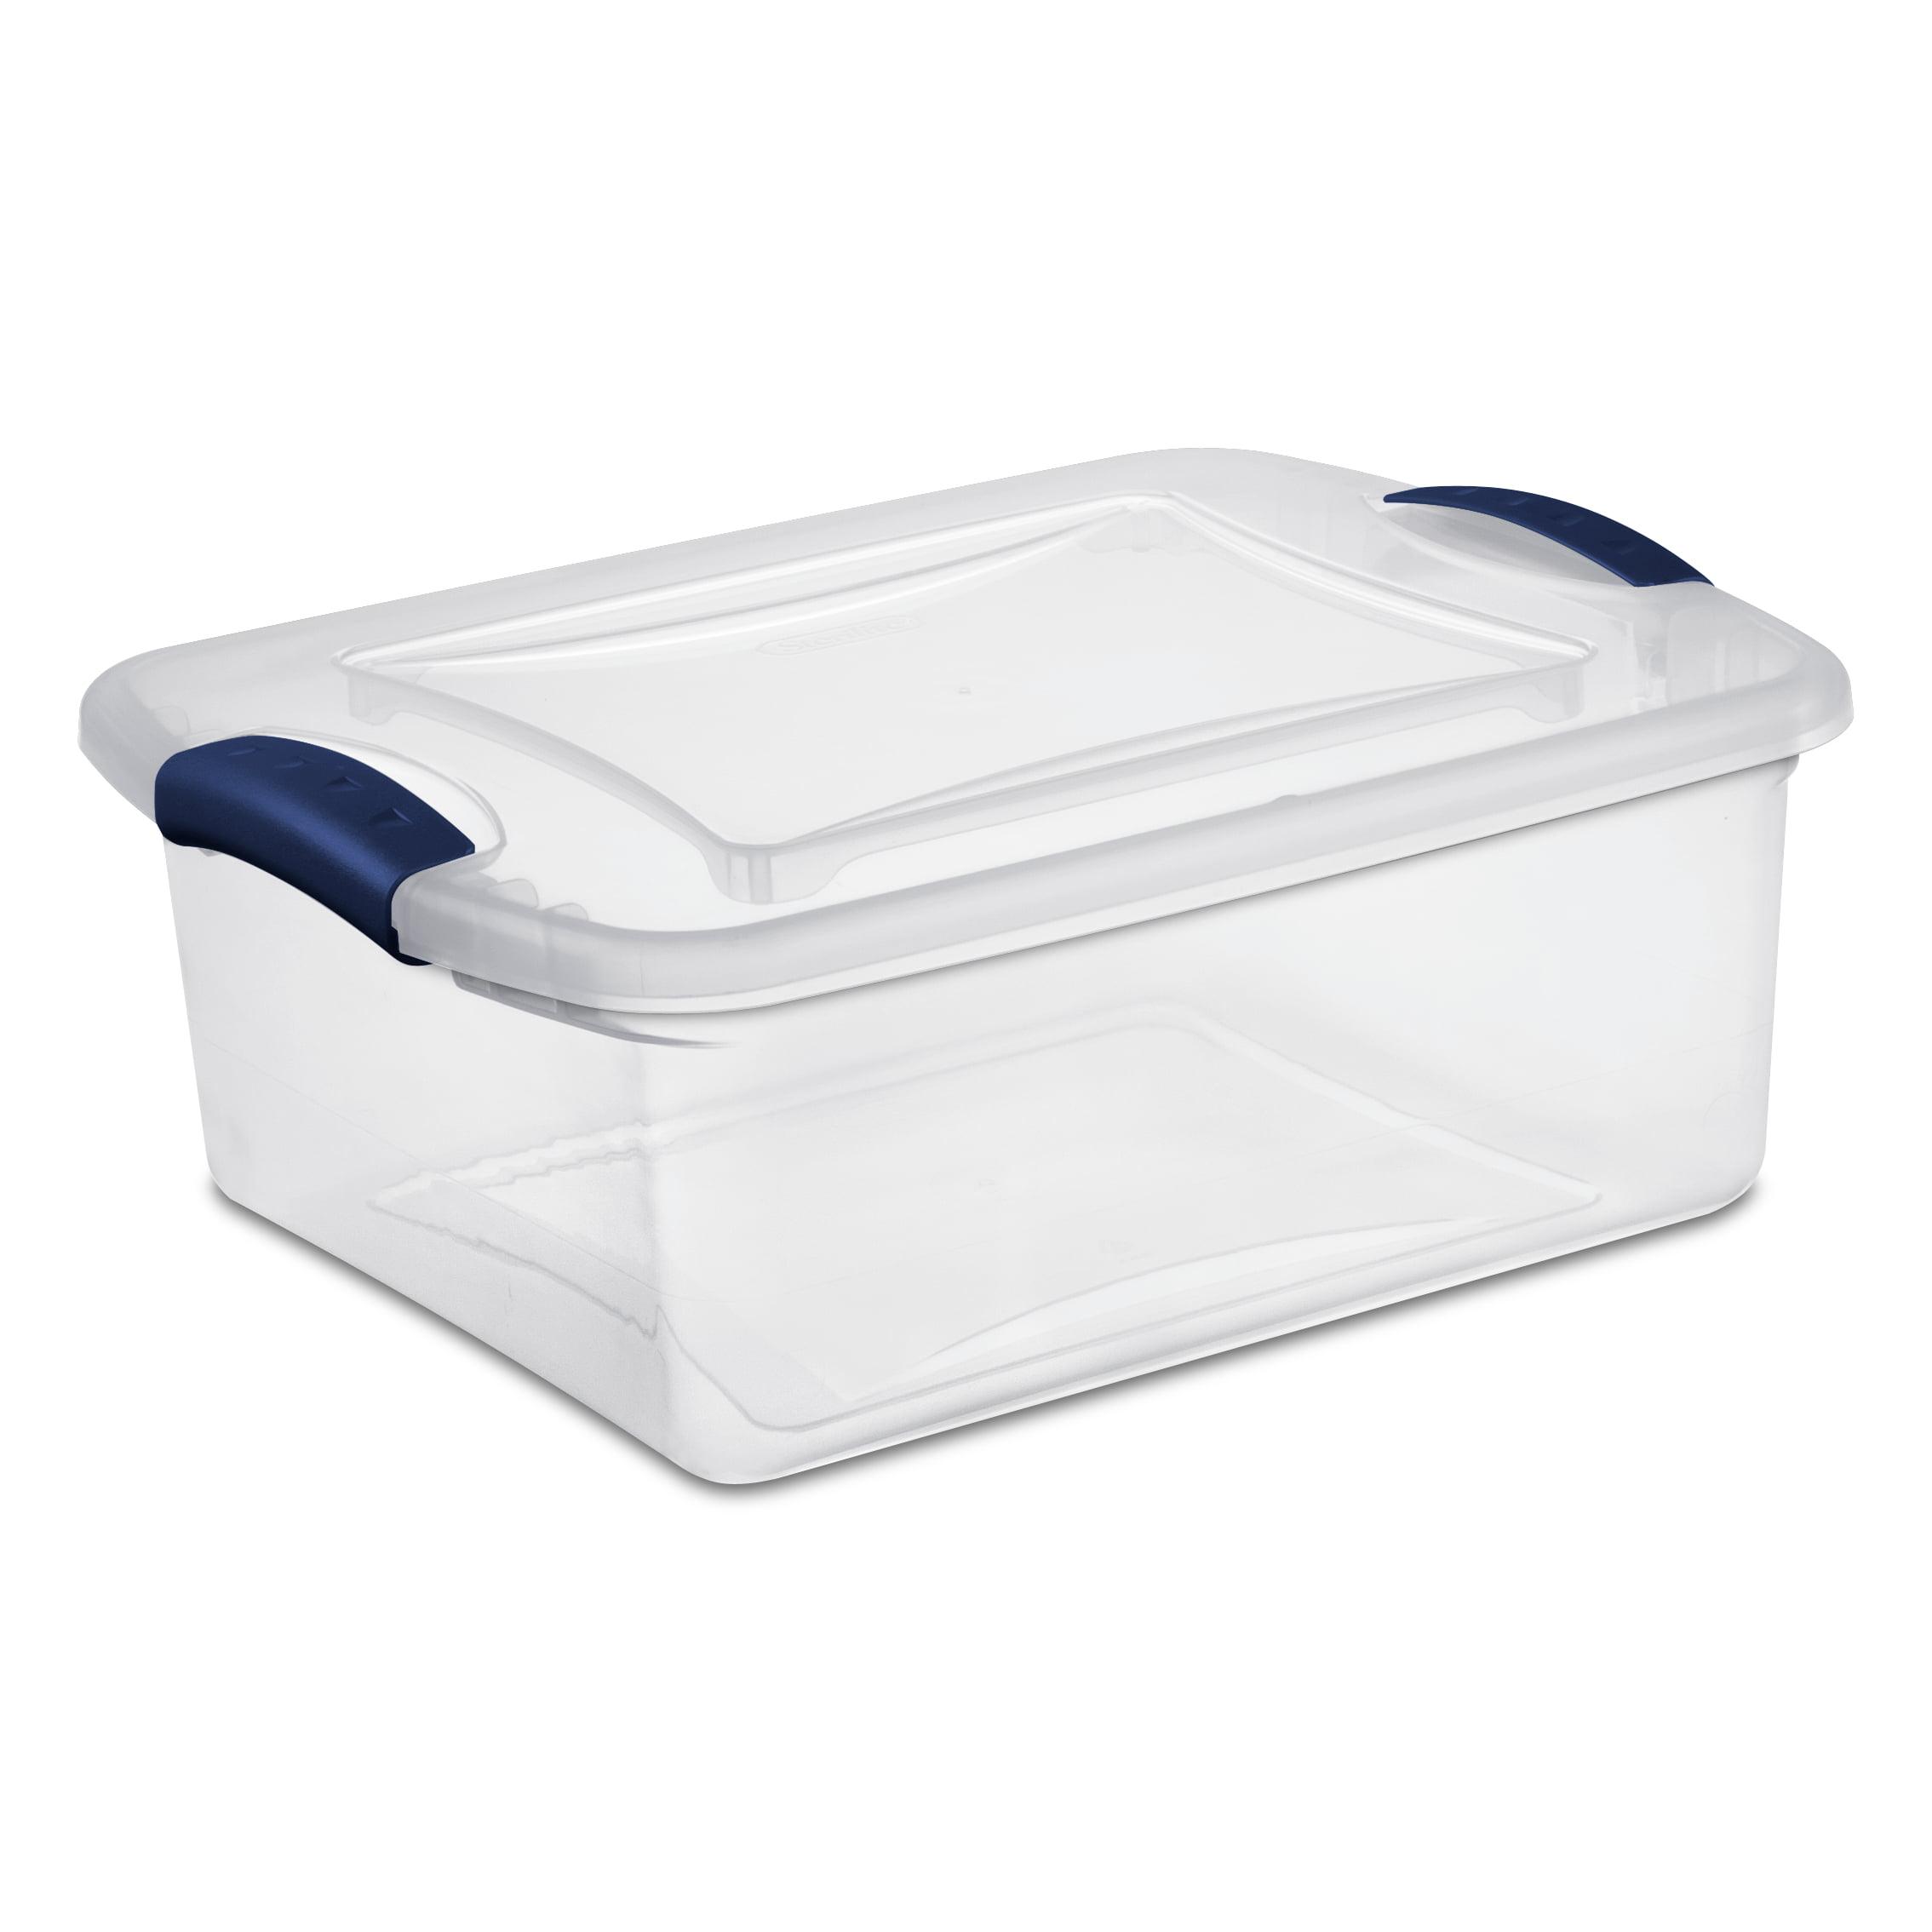 Sterilite 15 Quart Ultramarine Latch Box, 2 Piece